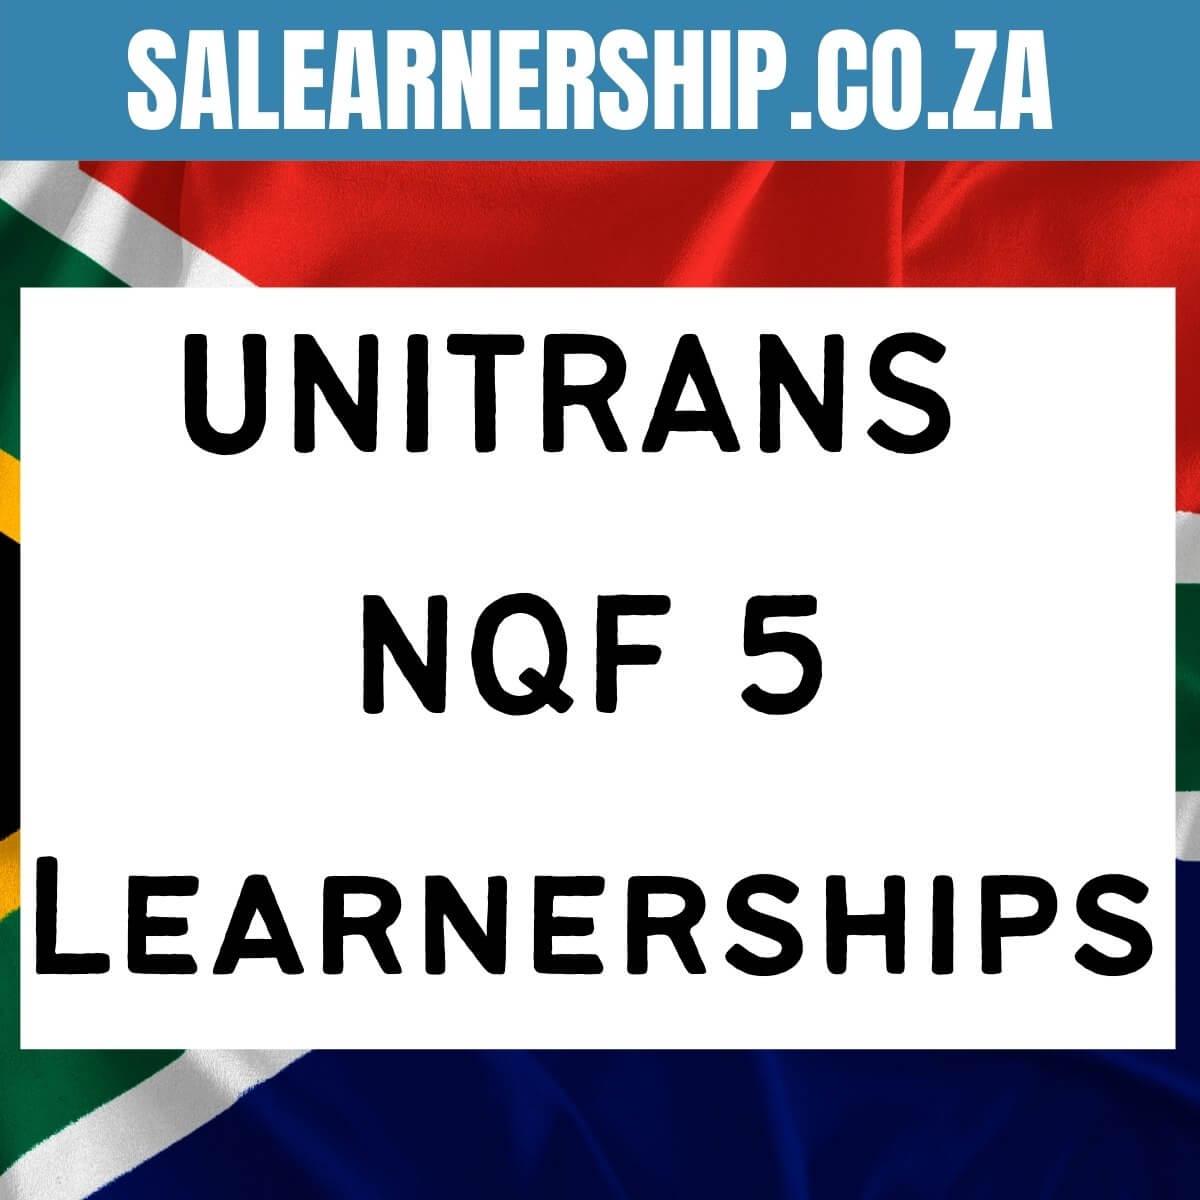 unitrans NQF5 learnerships